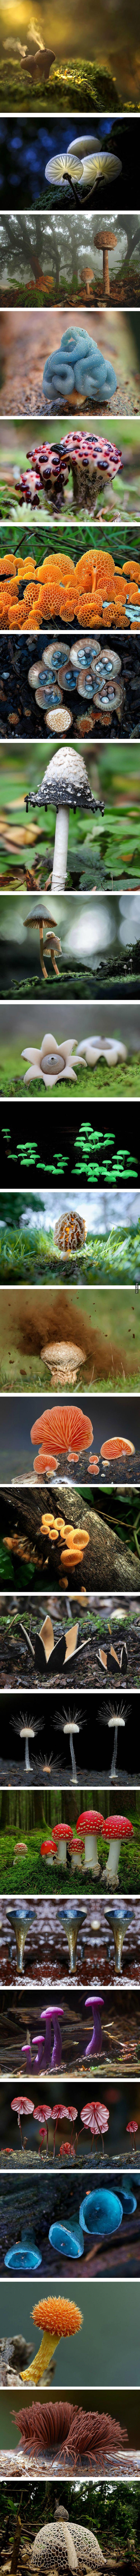 Huru.ru :: В царстве грибов — 25 чудесных фотографий